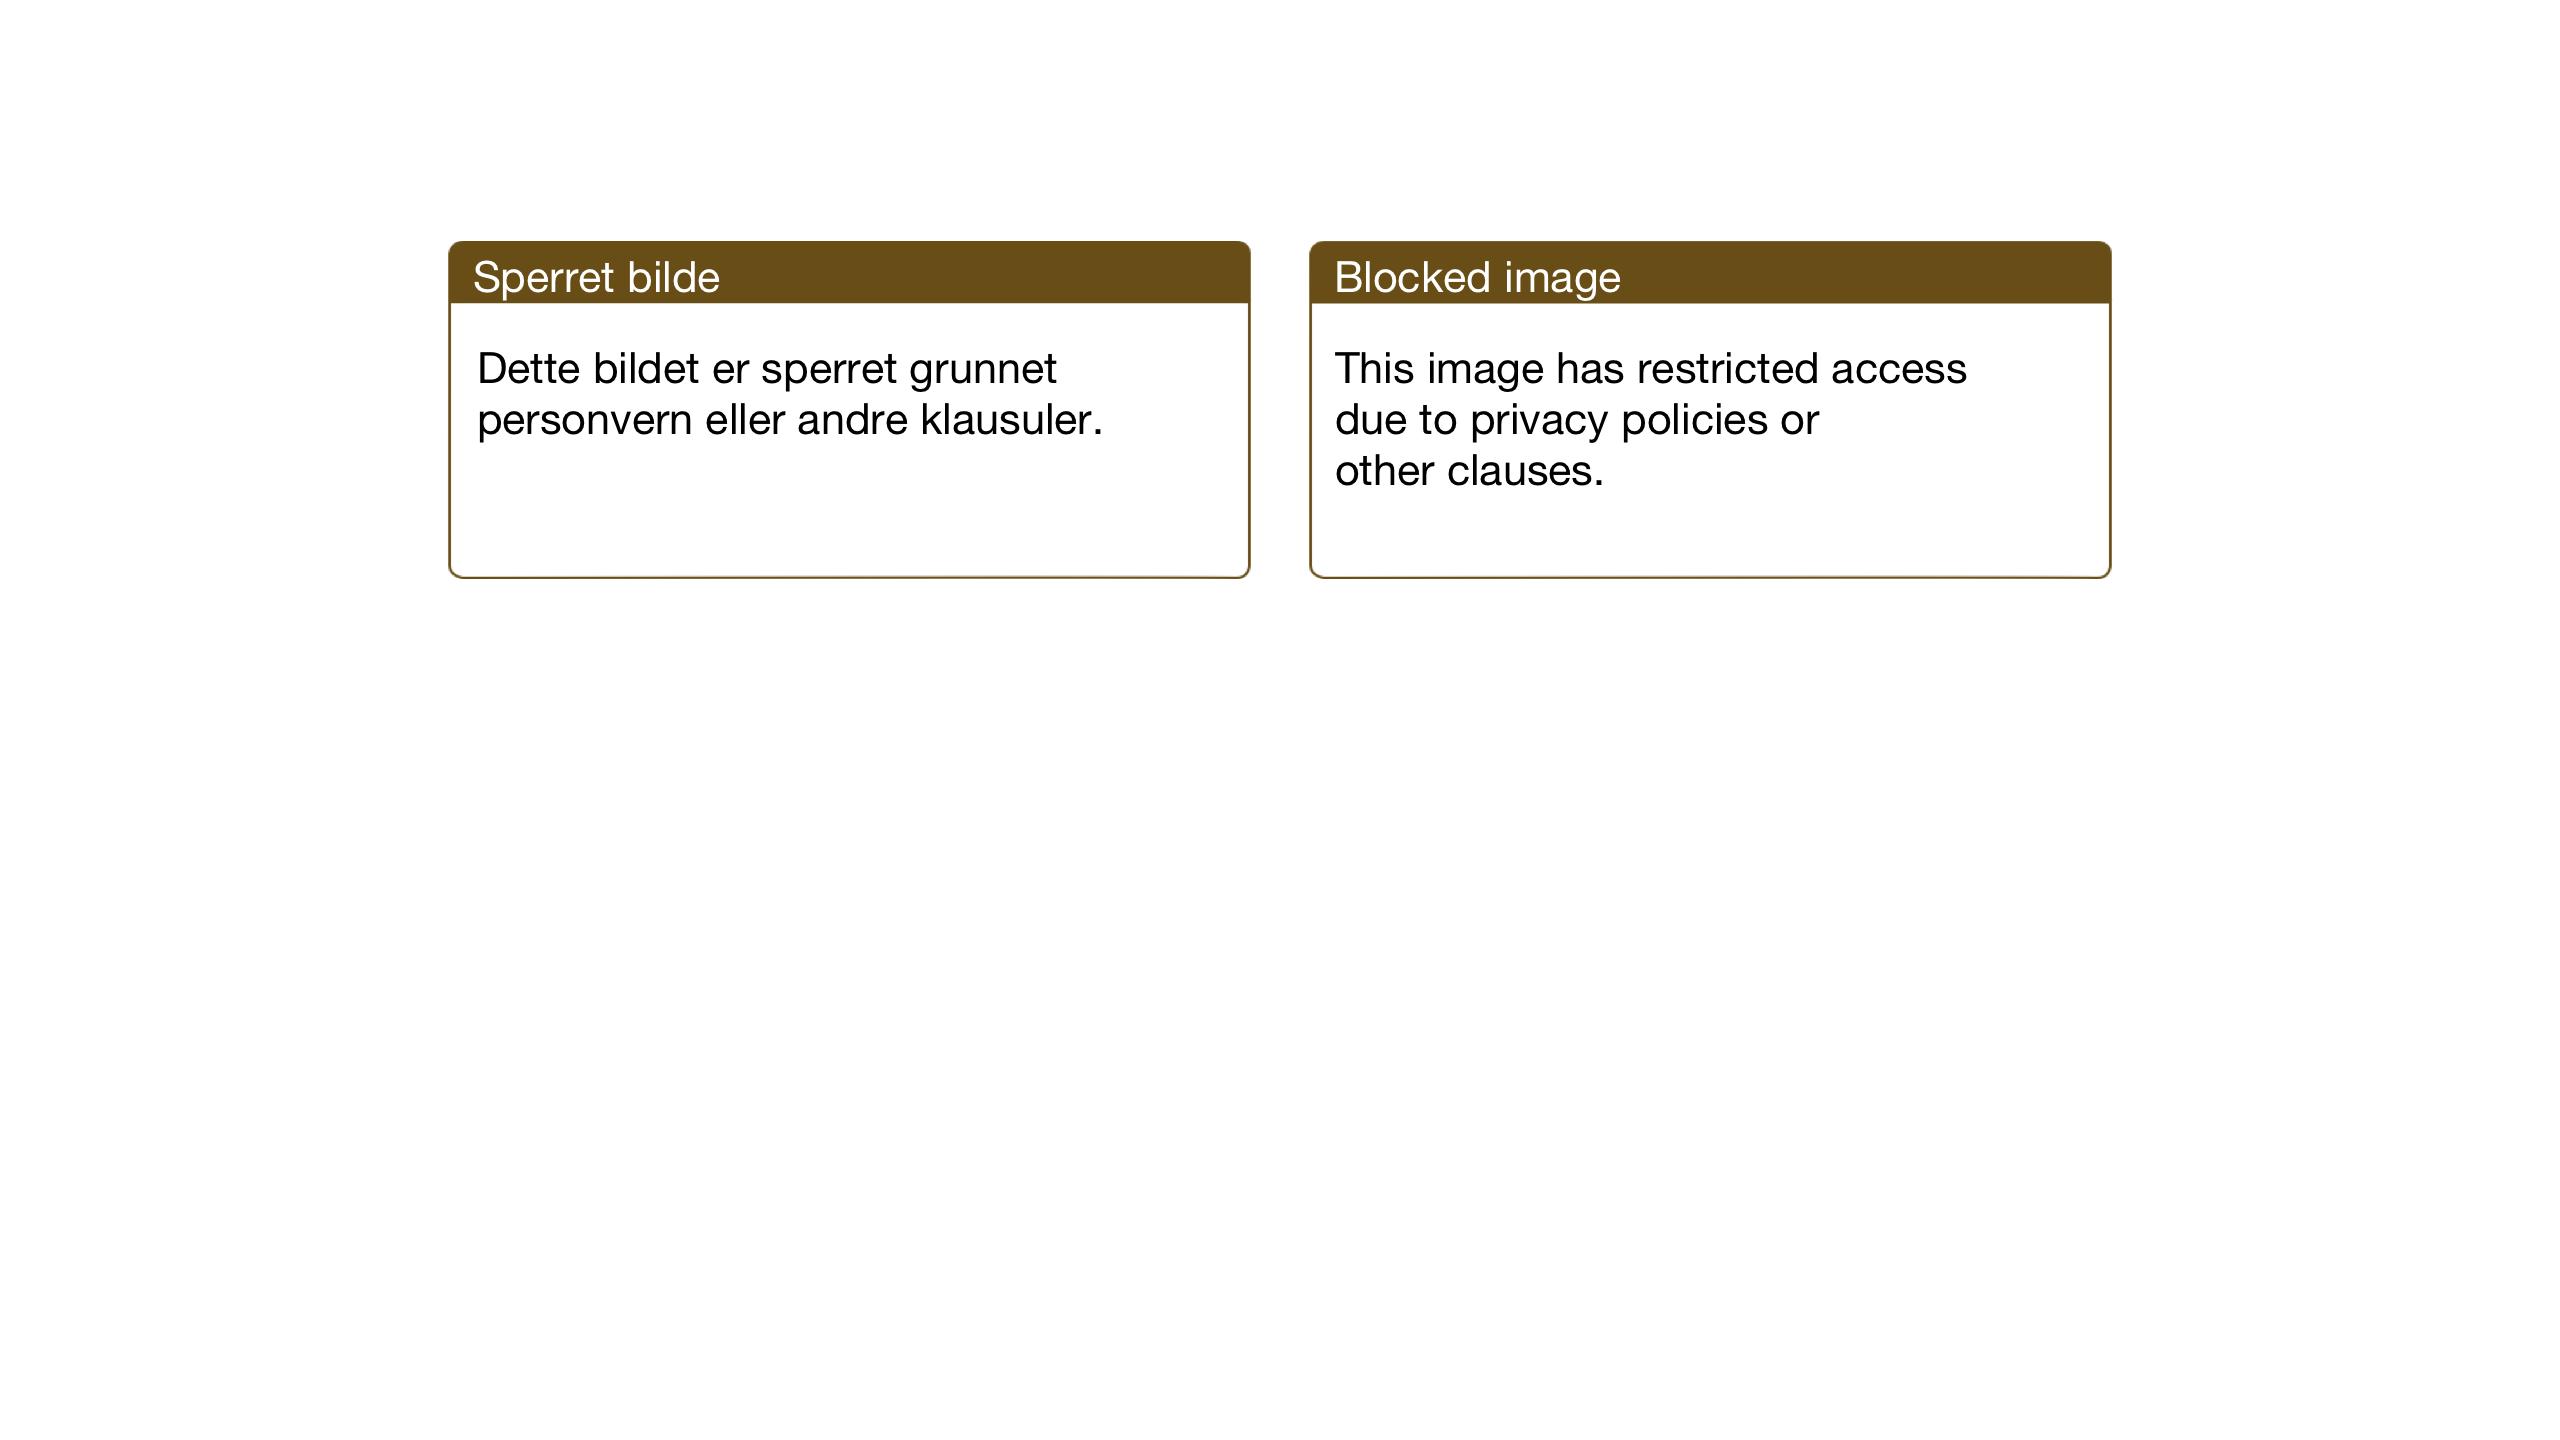 SAT, Ministerialprotokoller, klokkerbøker og fødselsregistre - Sør-Trøndelag, 682/L0947: Klokkerbok nr. 682C01, 1926-1968, s. 120